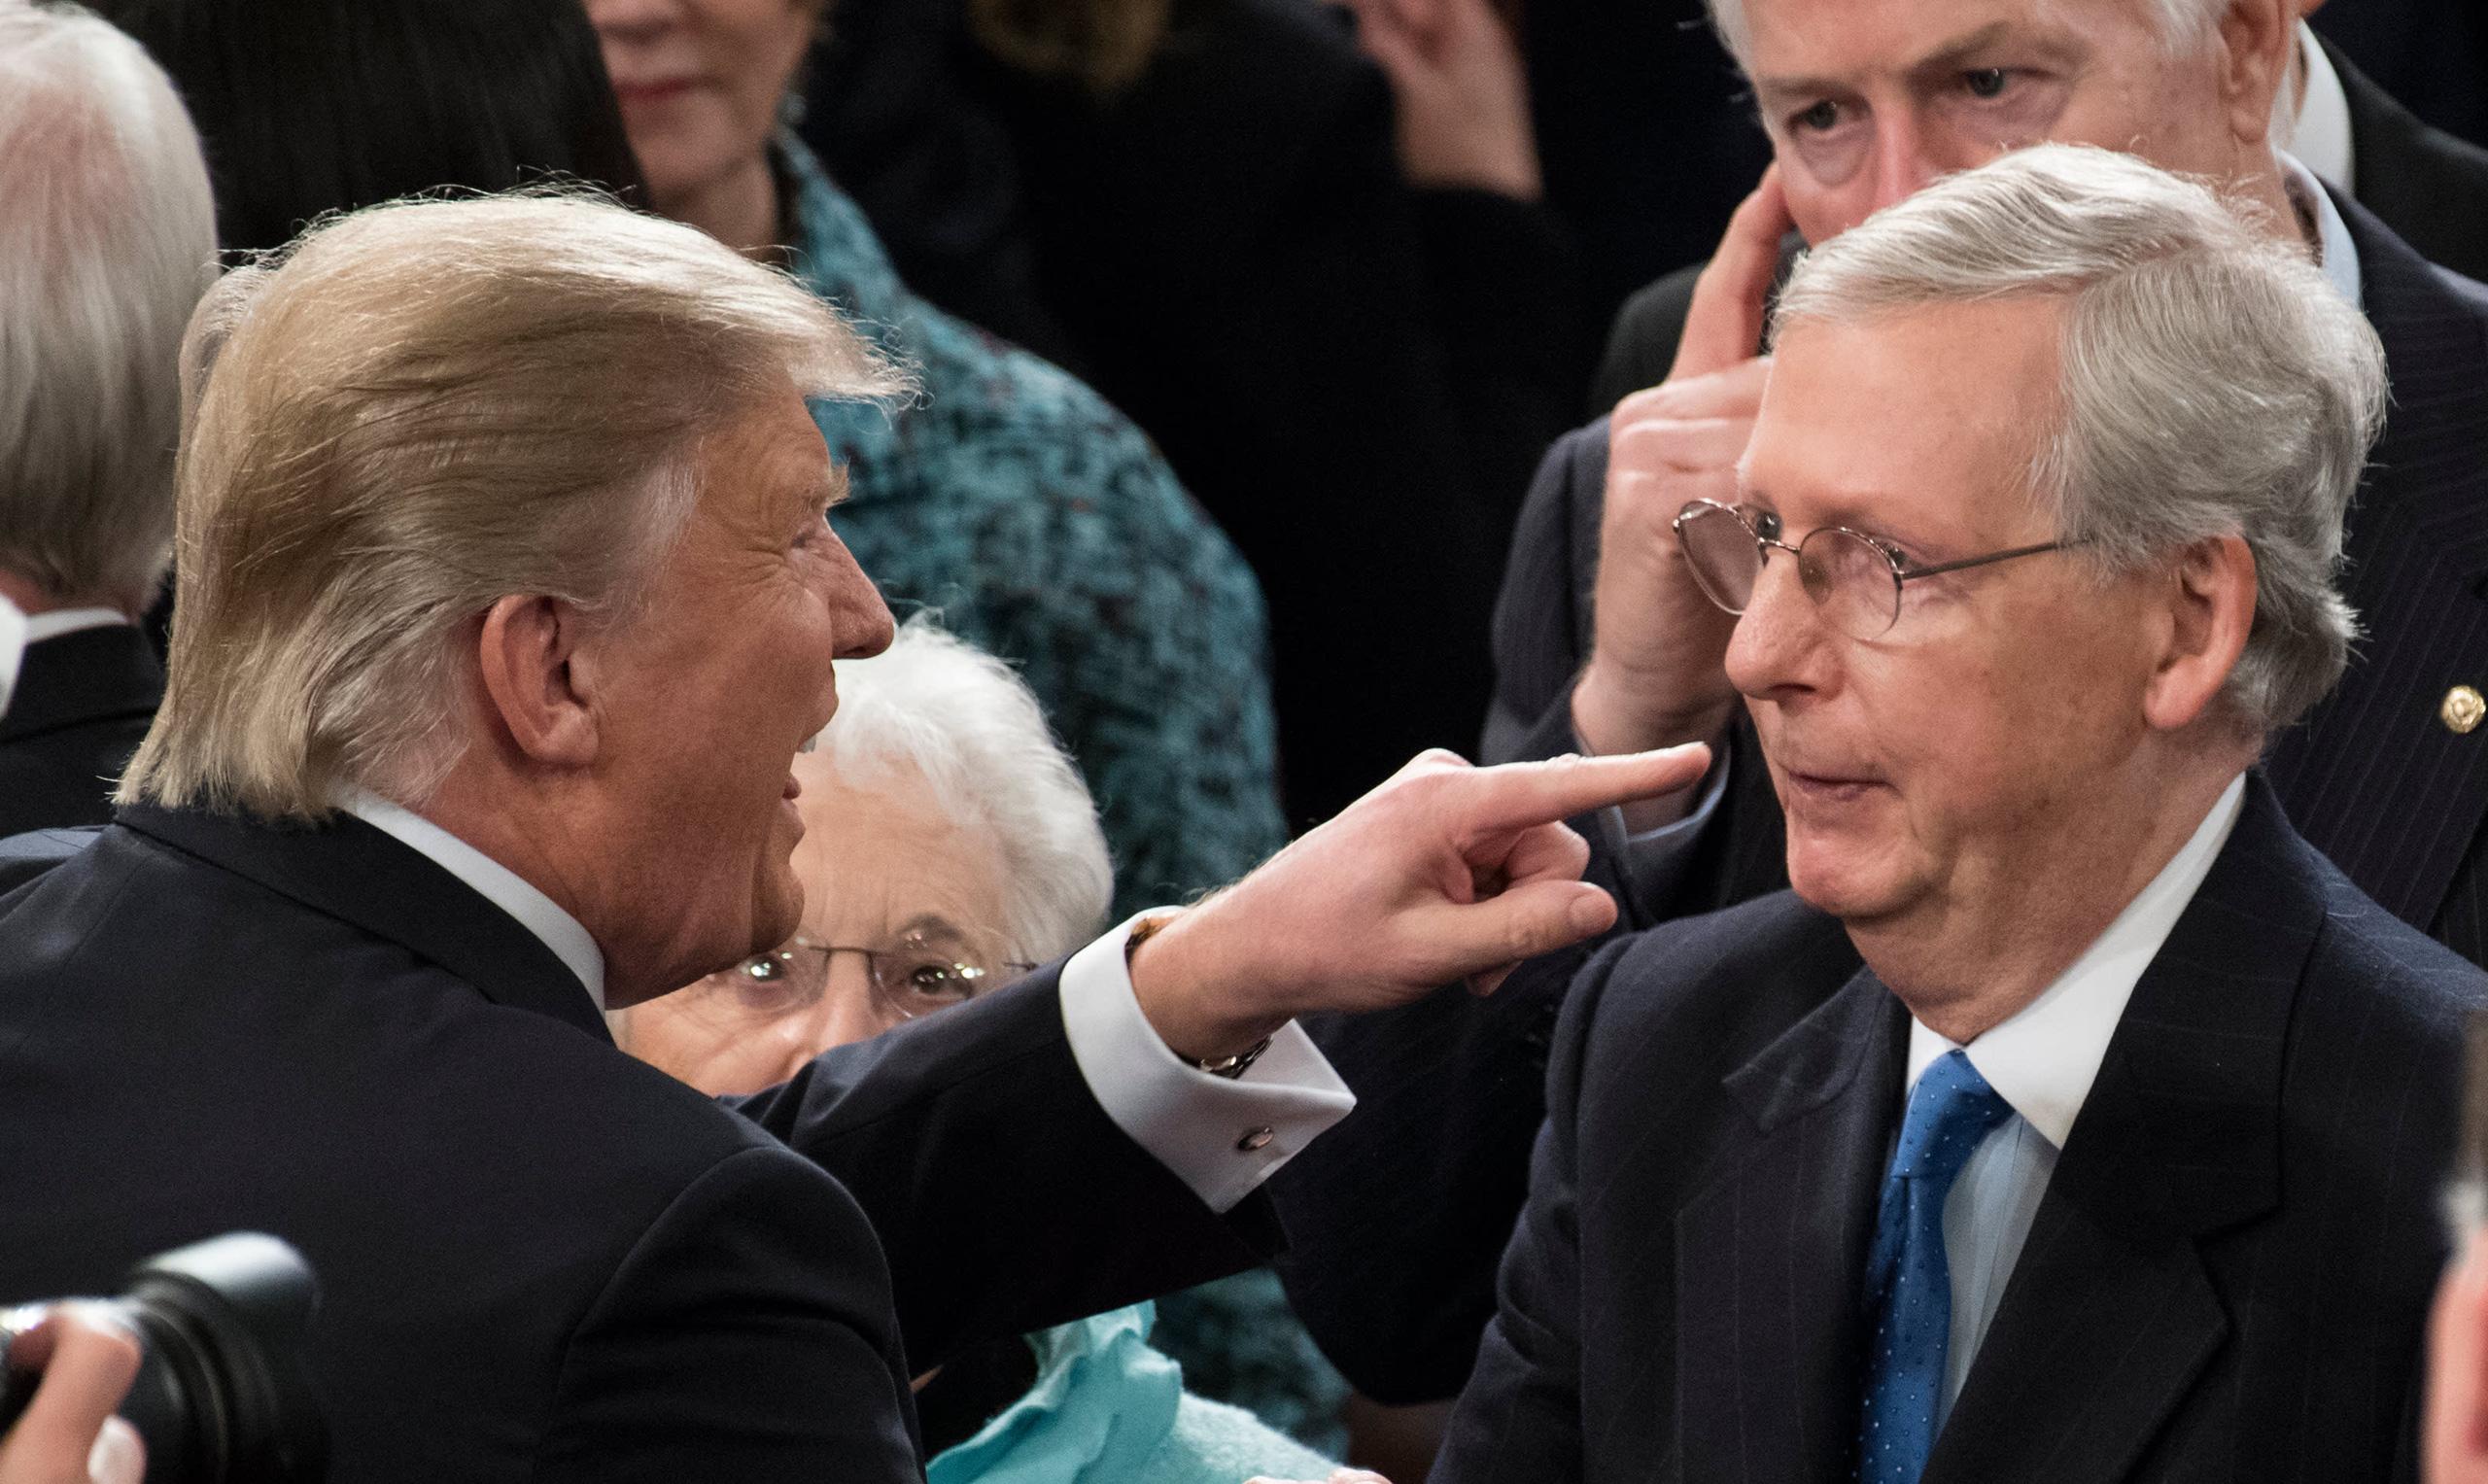 Đảng Cộng hòa quay lưng, lần đầu bác quyền phủ quyết của ông Trump - Ảnh 1.